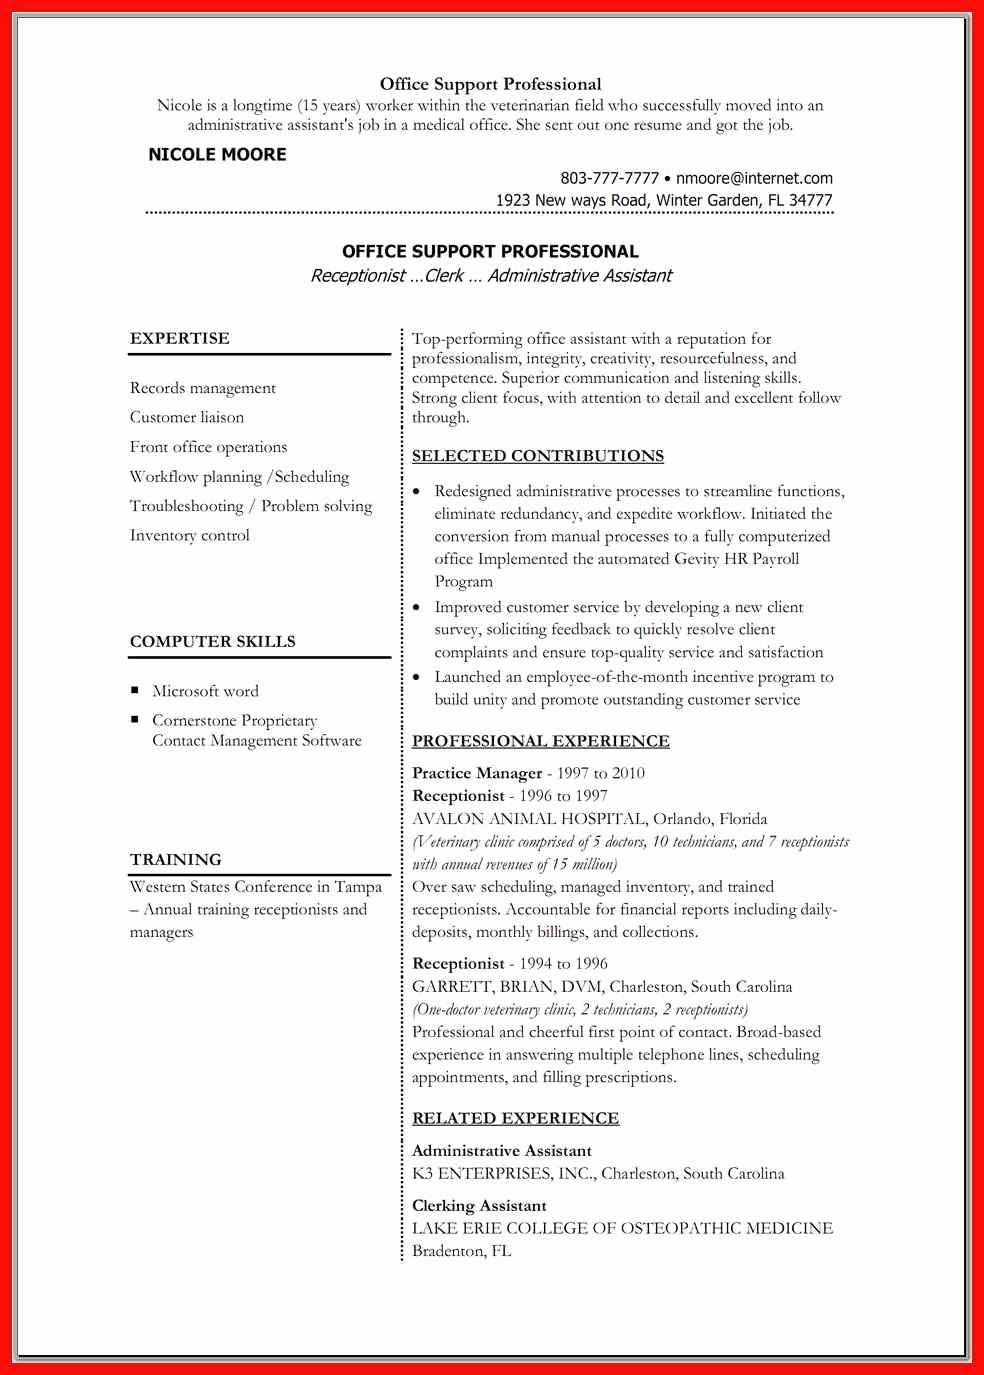 Sample Resume In Word format Elegant Resume Word Doc Template